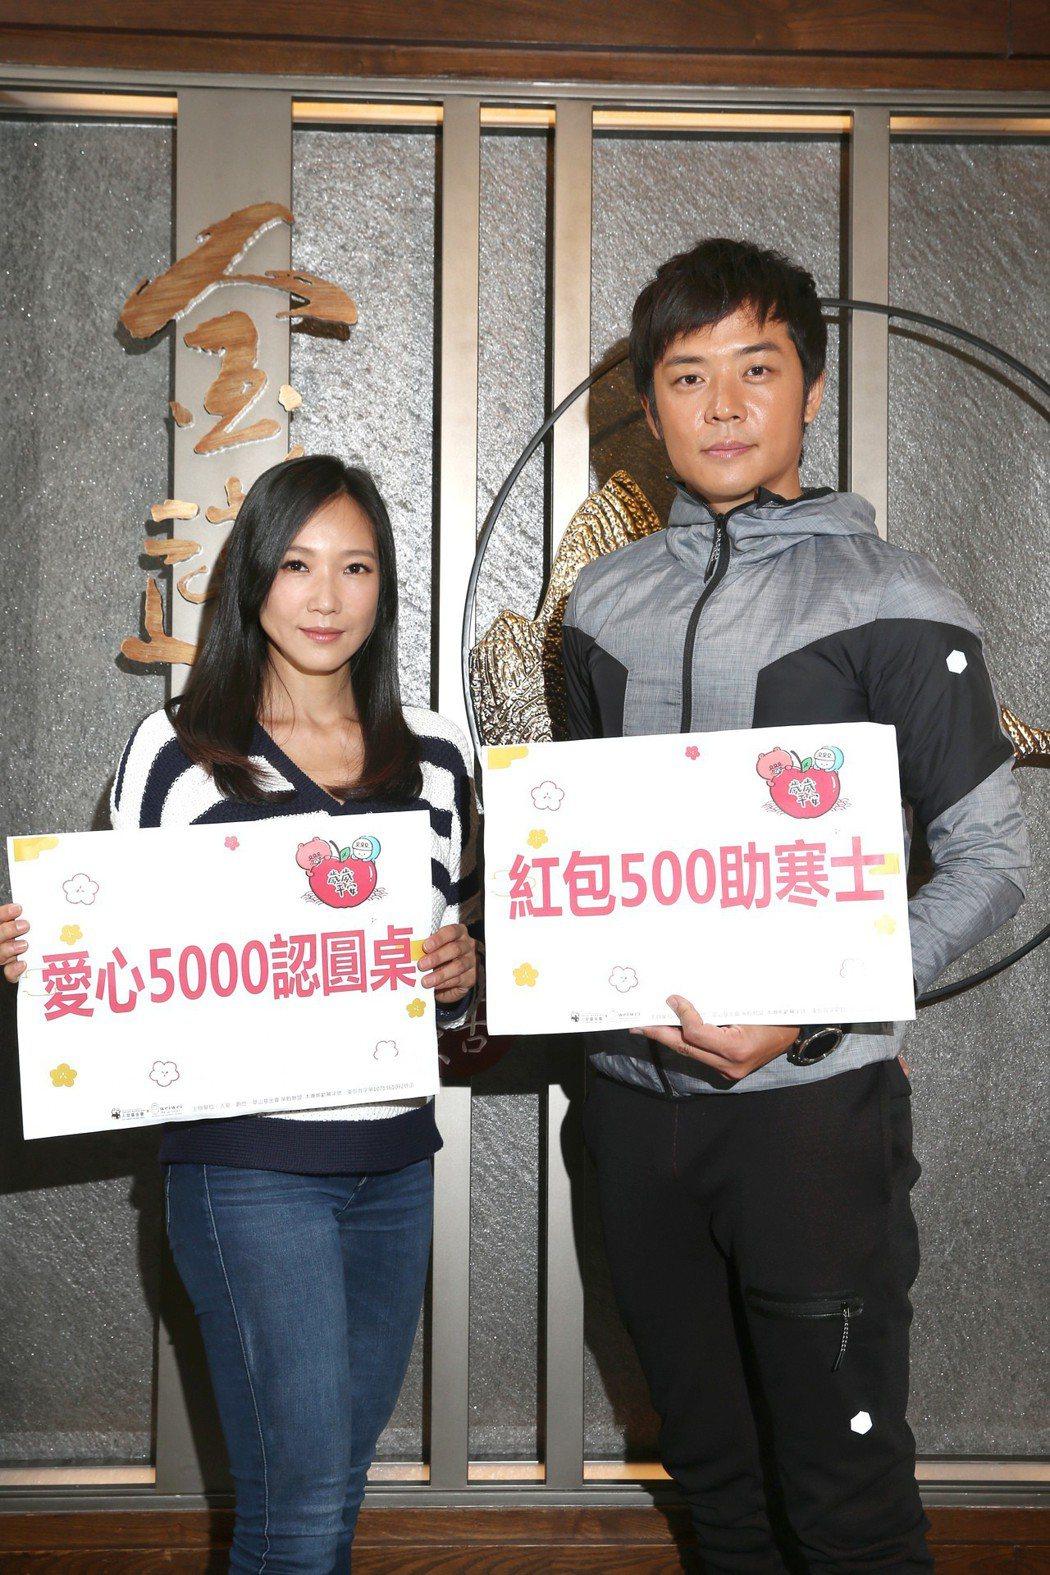 張本渝(左)與姚元浩(右)一起化身上菜天使,響應「寒士吃到飽30」公益活動,呼籲